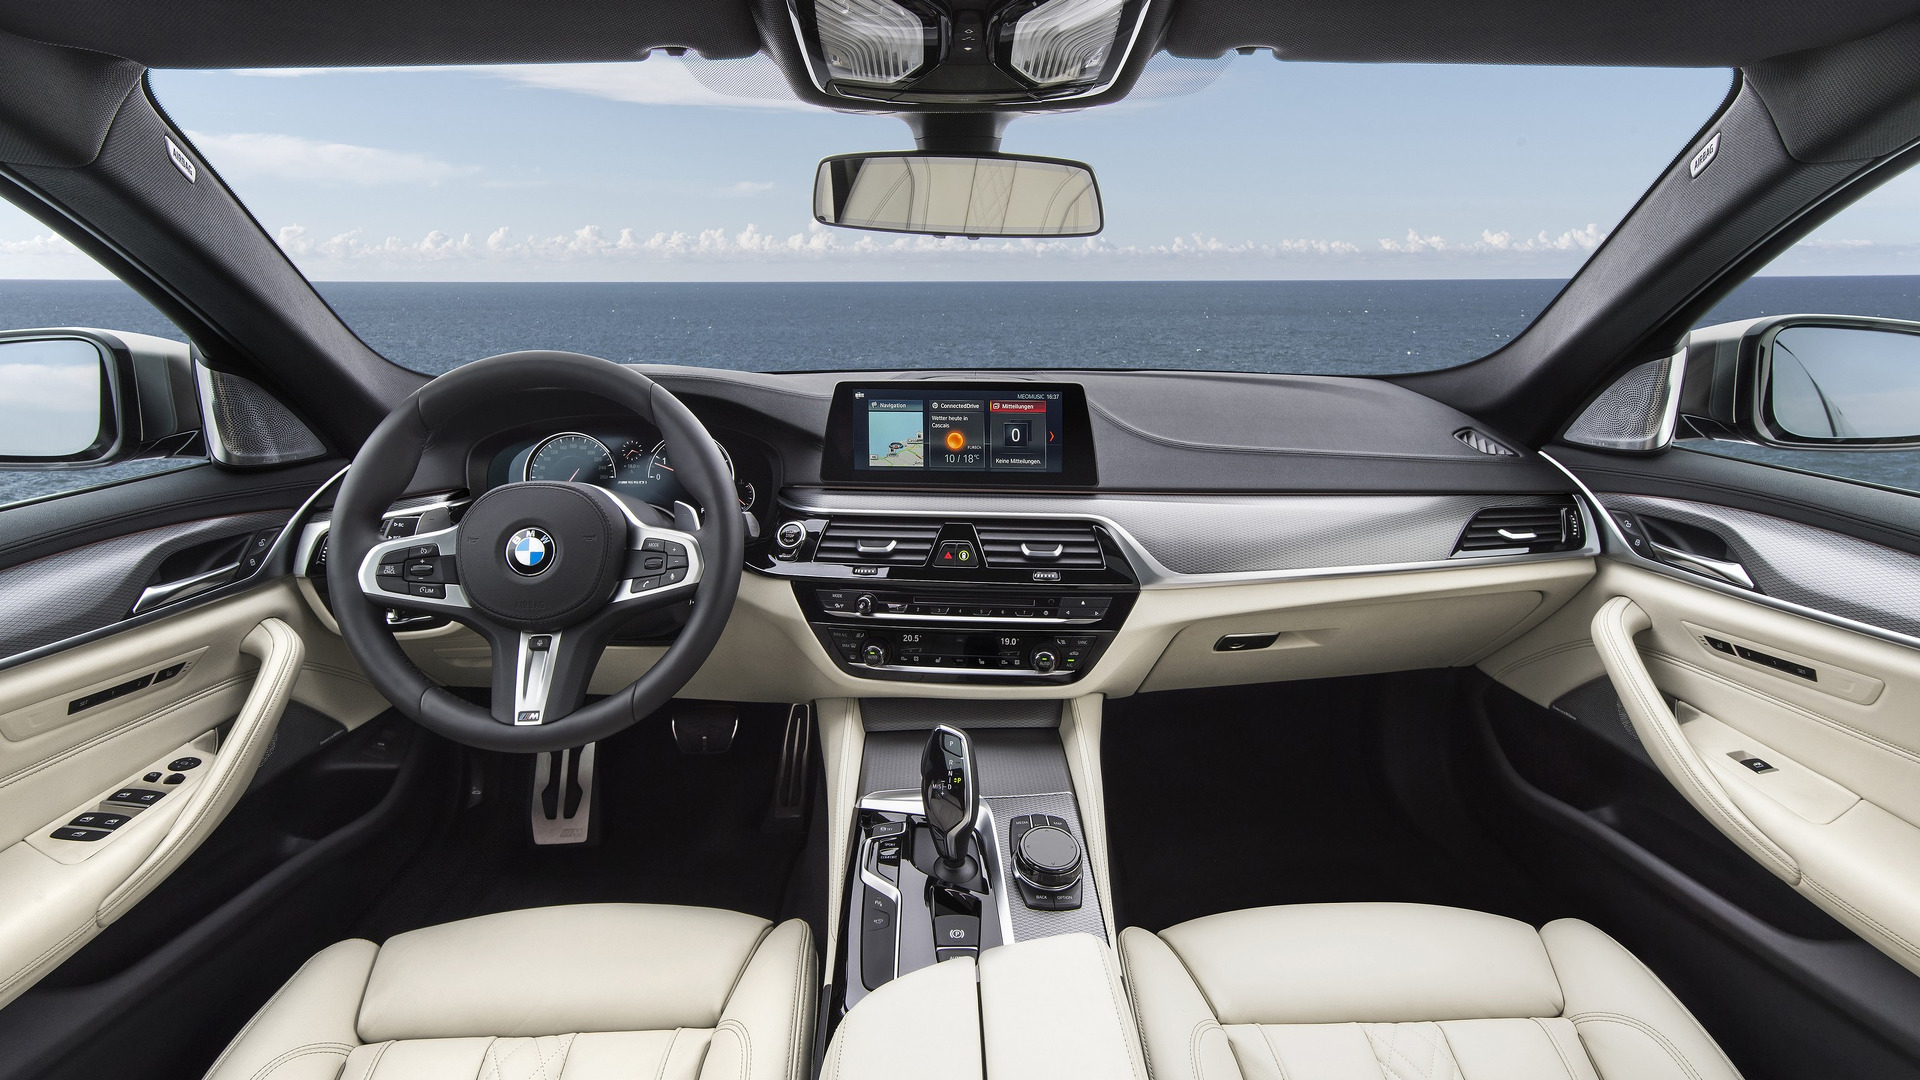 Essai ford mondeo vignale le billet auto passion automobile - Bmw M550i Habitacle